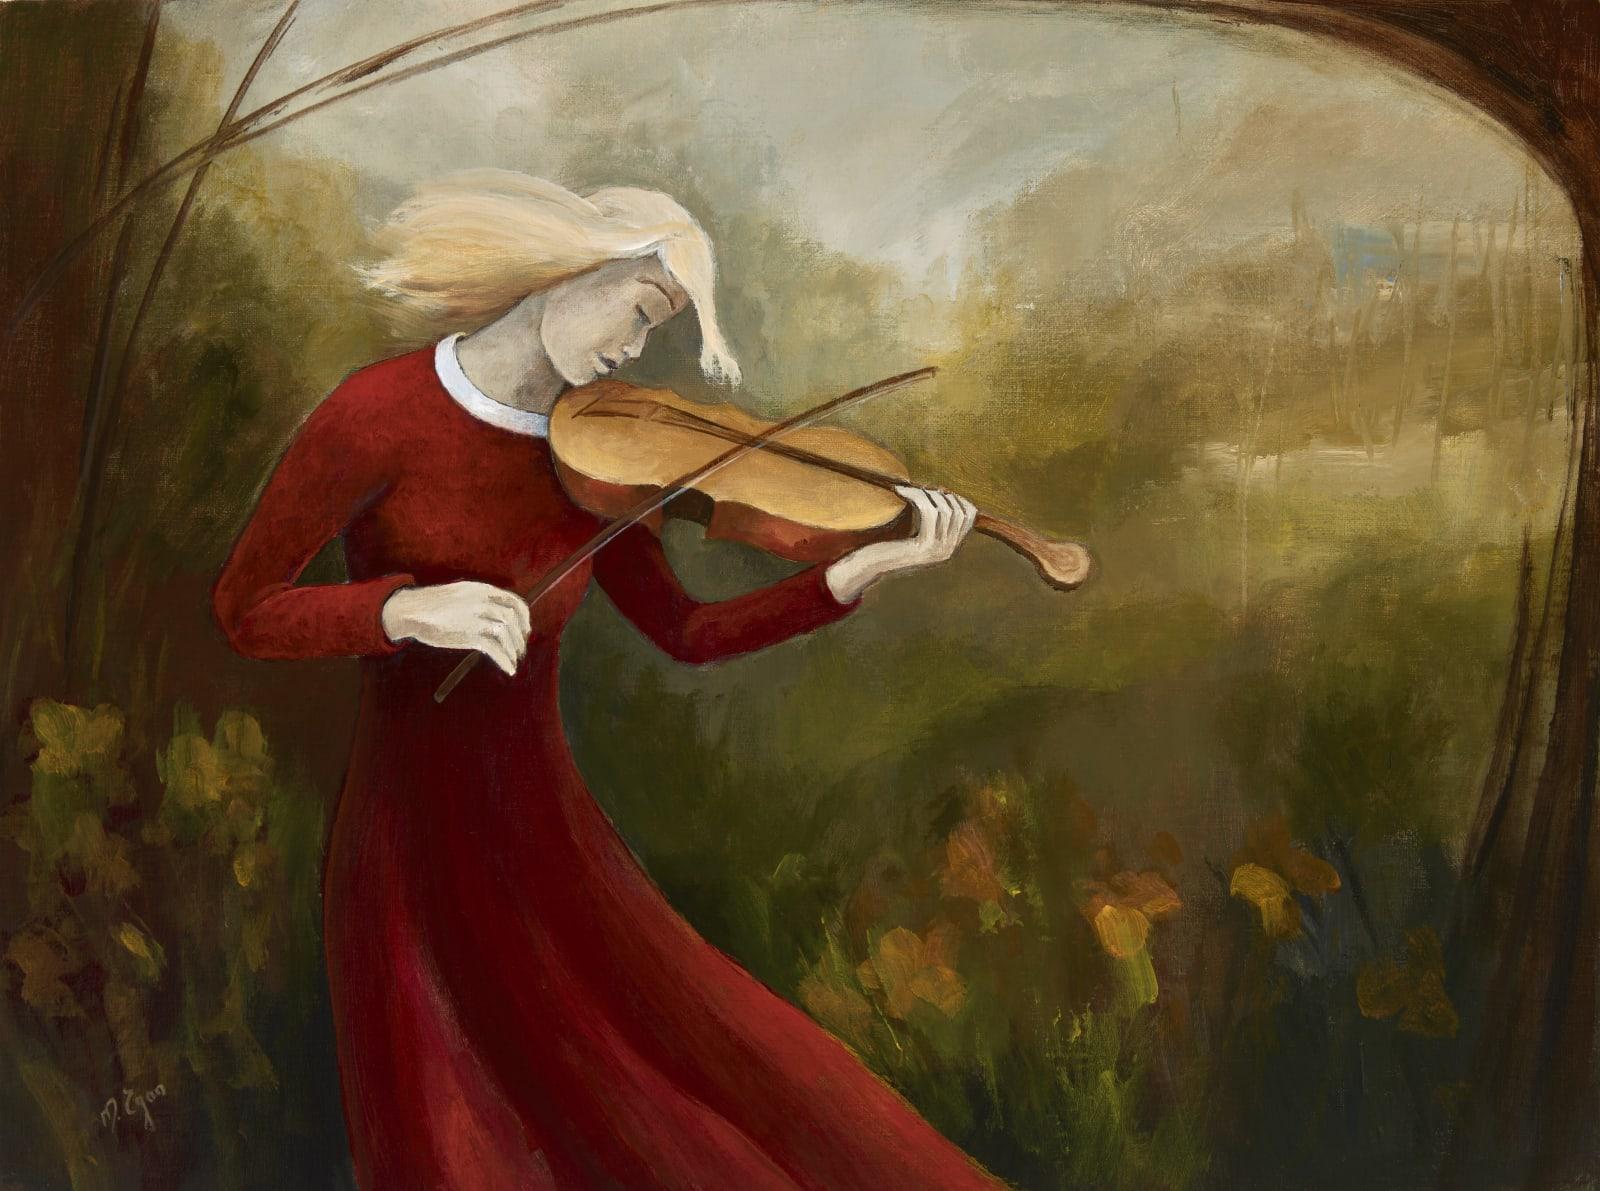 Margaret Egan, The Hidden Freshness Sang